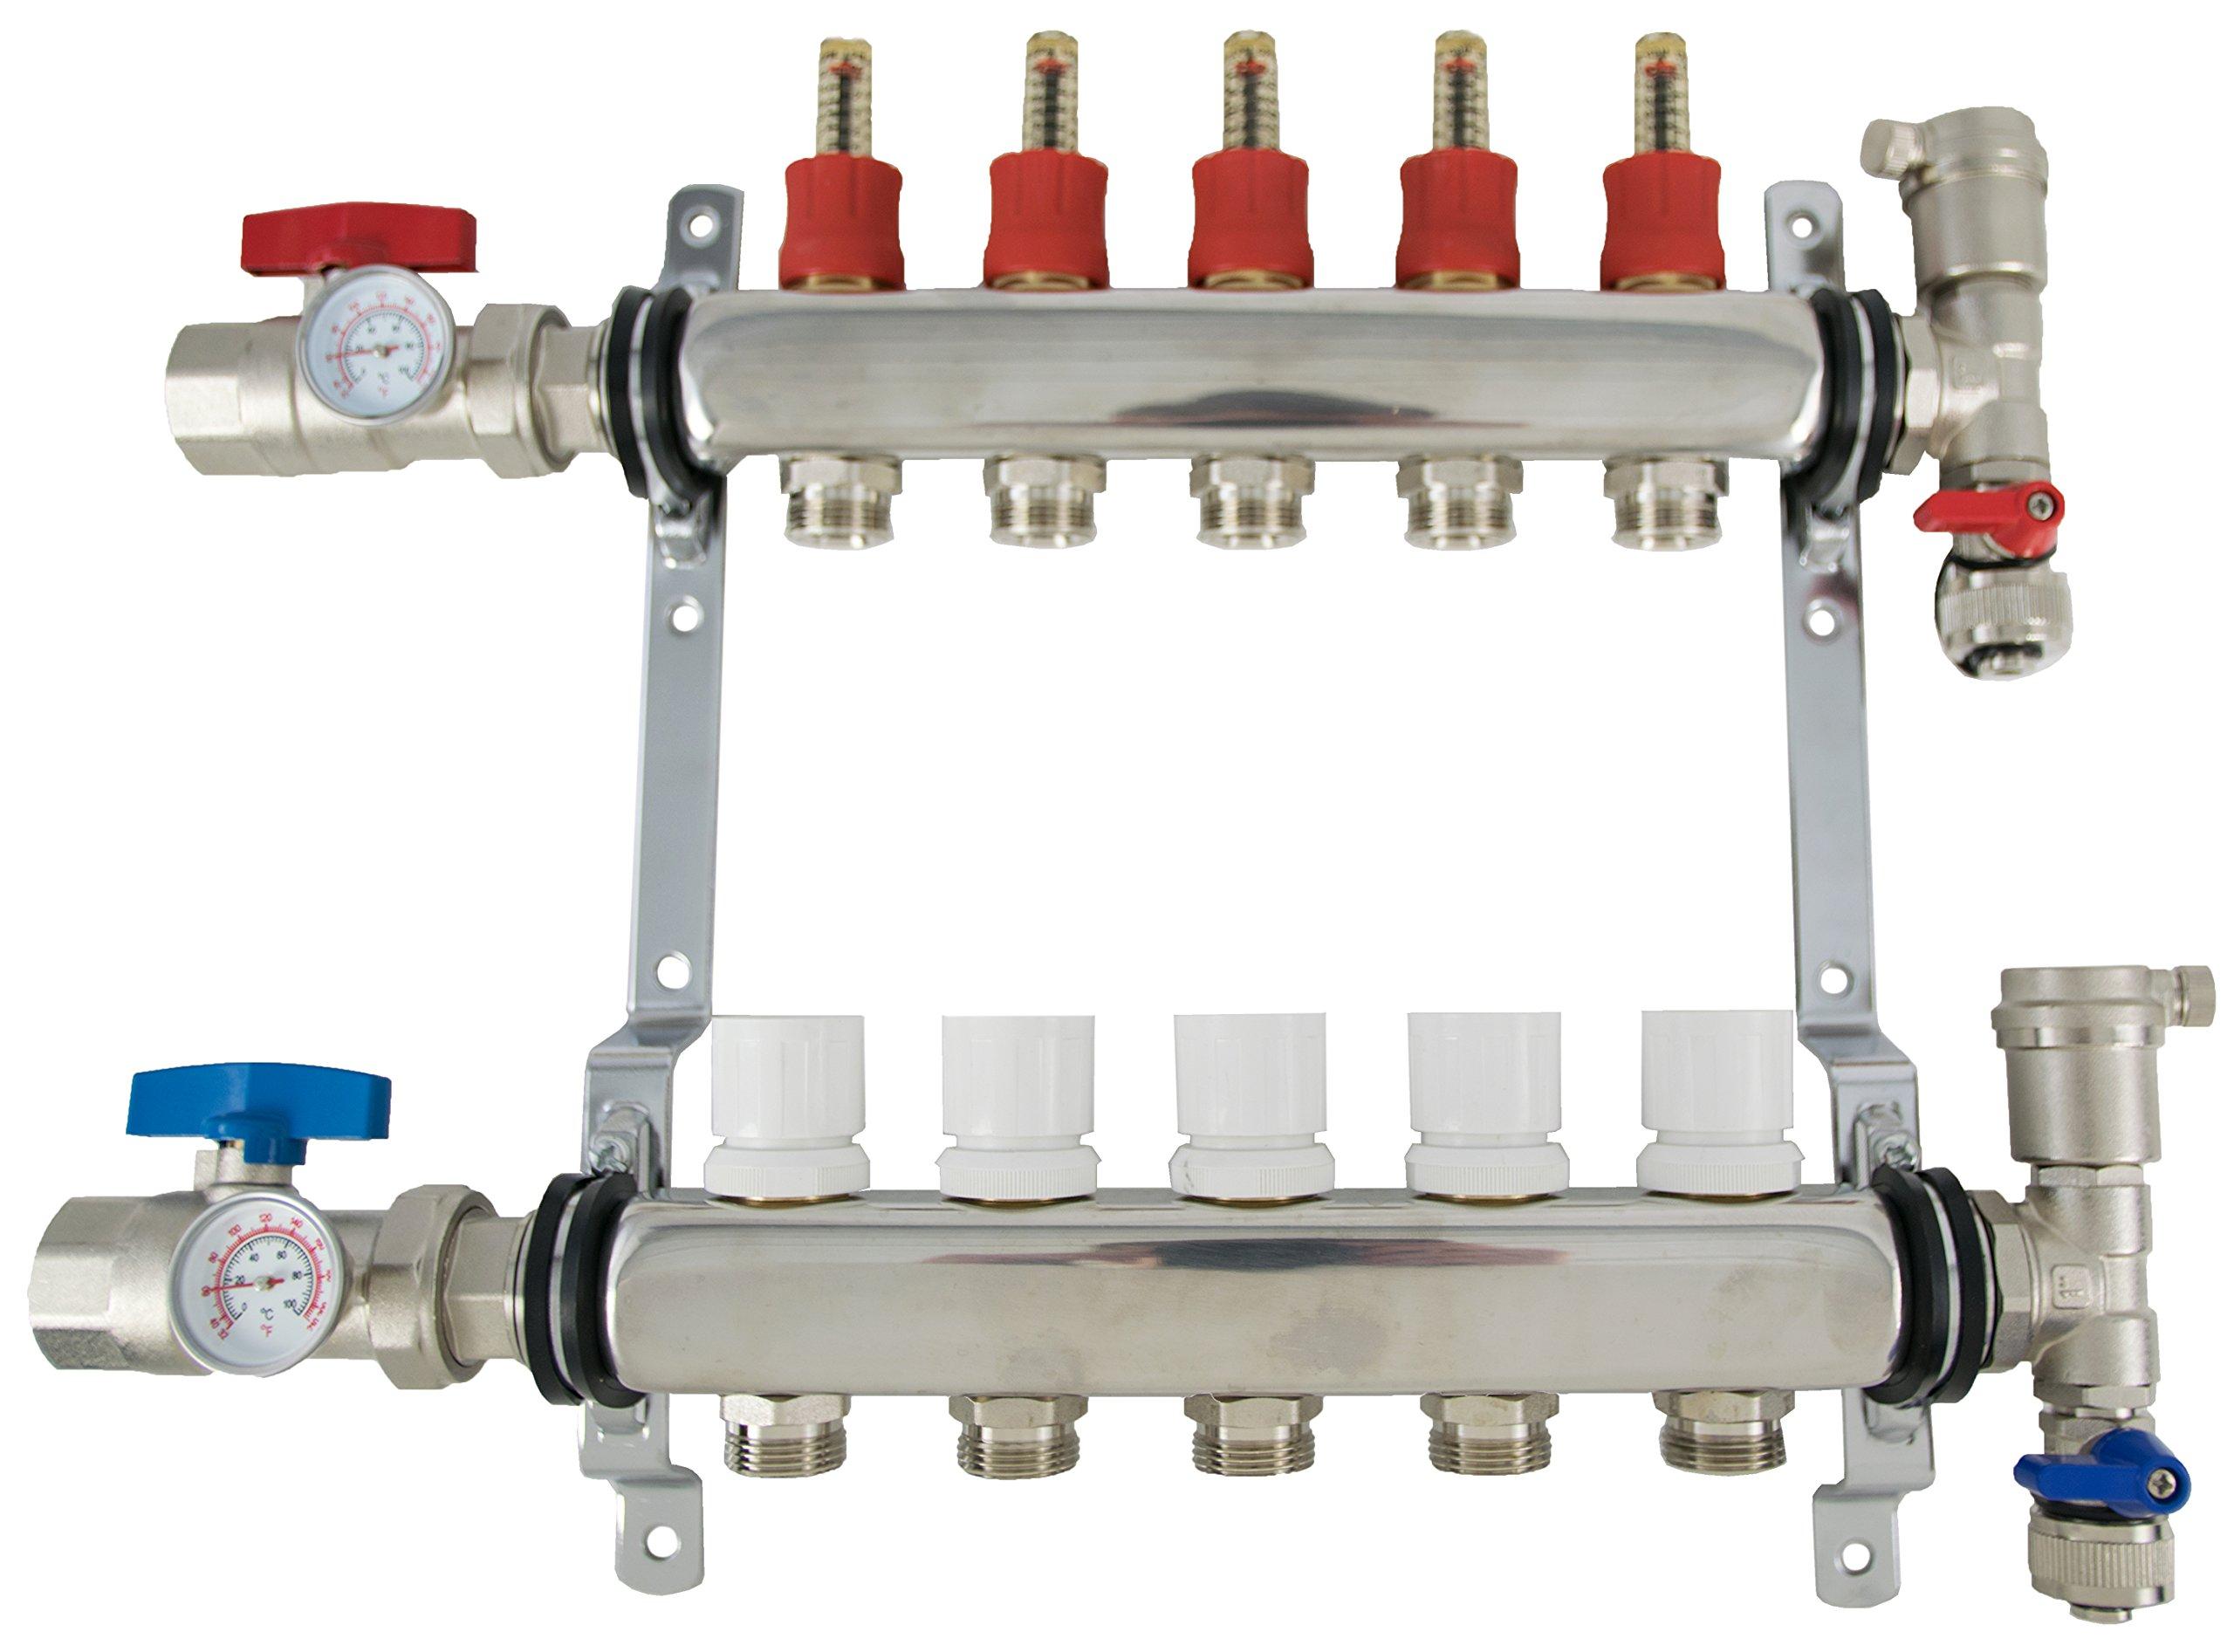 New 5 Loop 1/2'' Pex Manifold Stainless Steel Radiant Floor Heating Set / Five Branch Kit from VIVO (PEX-M12-5)